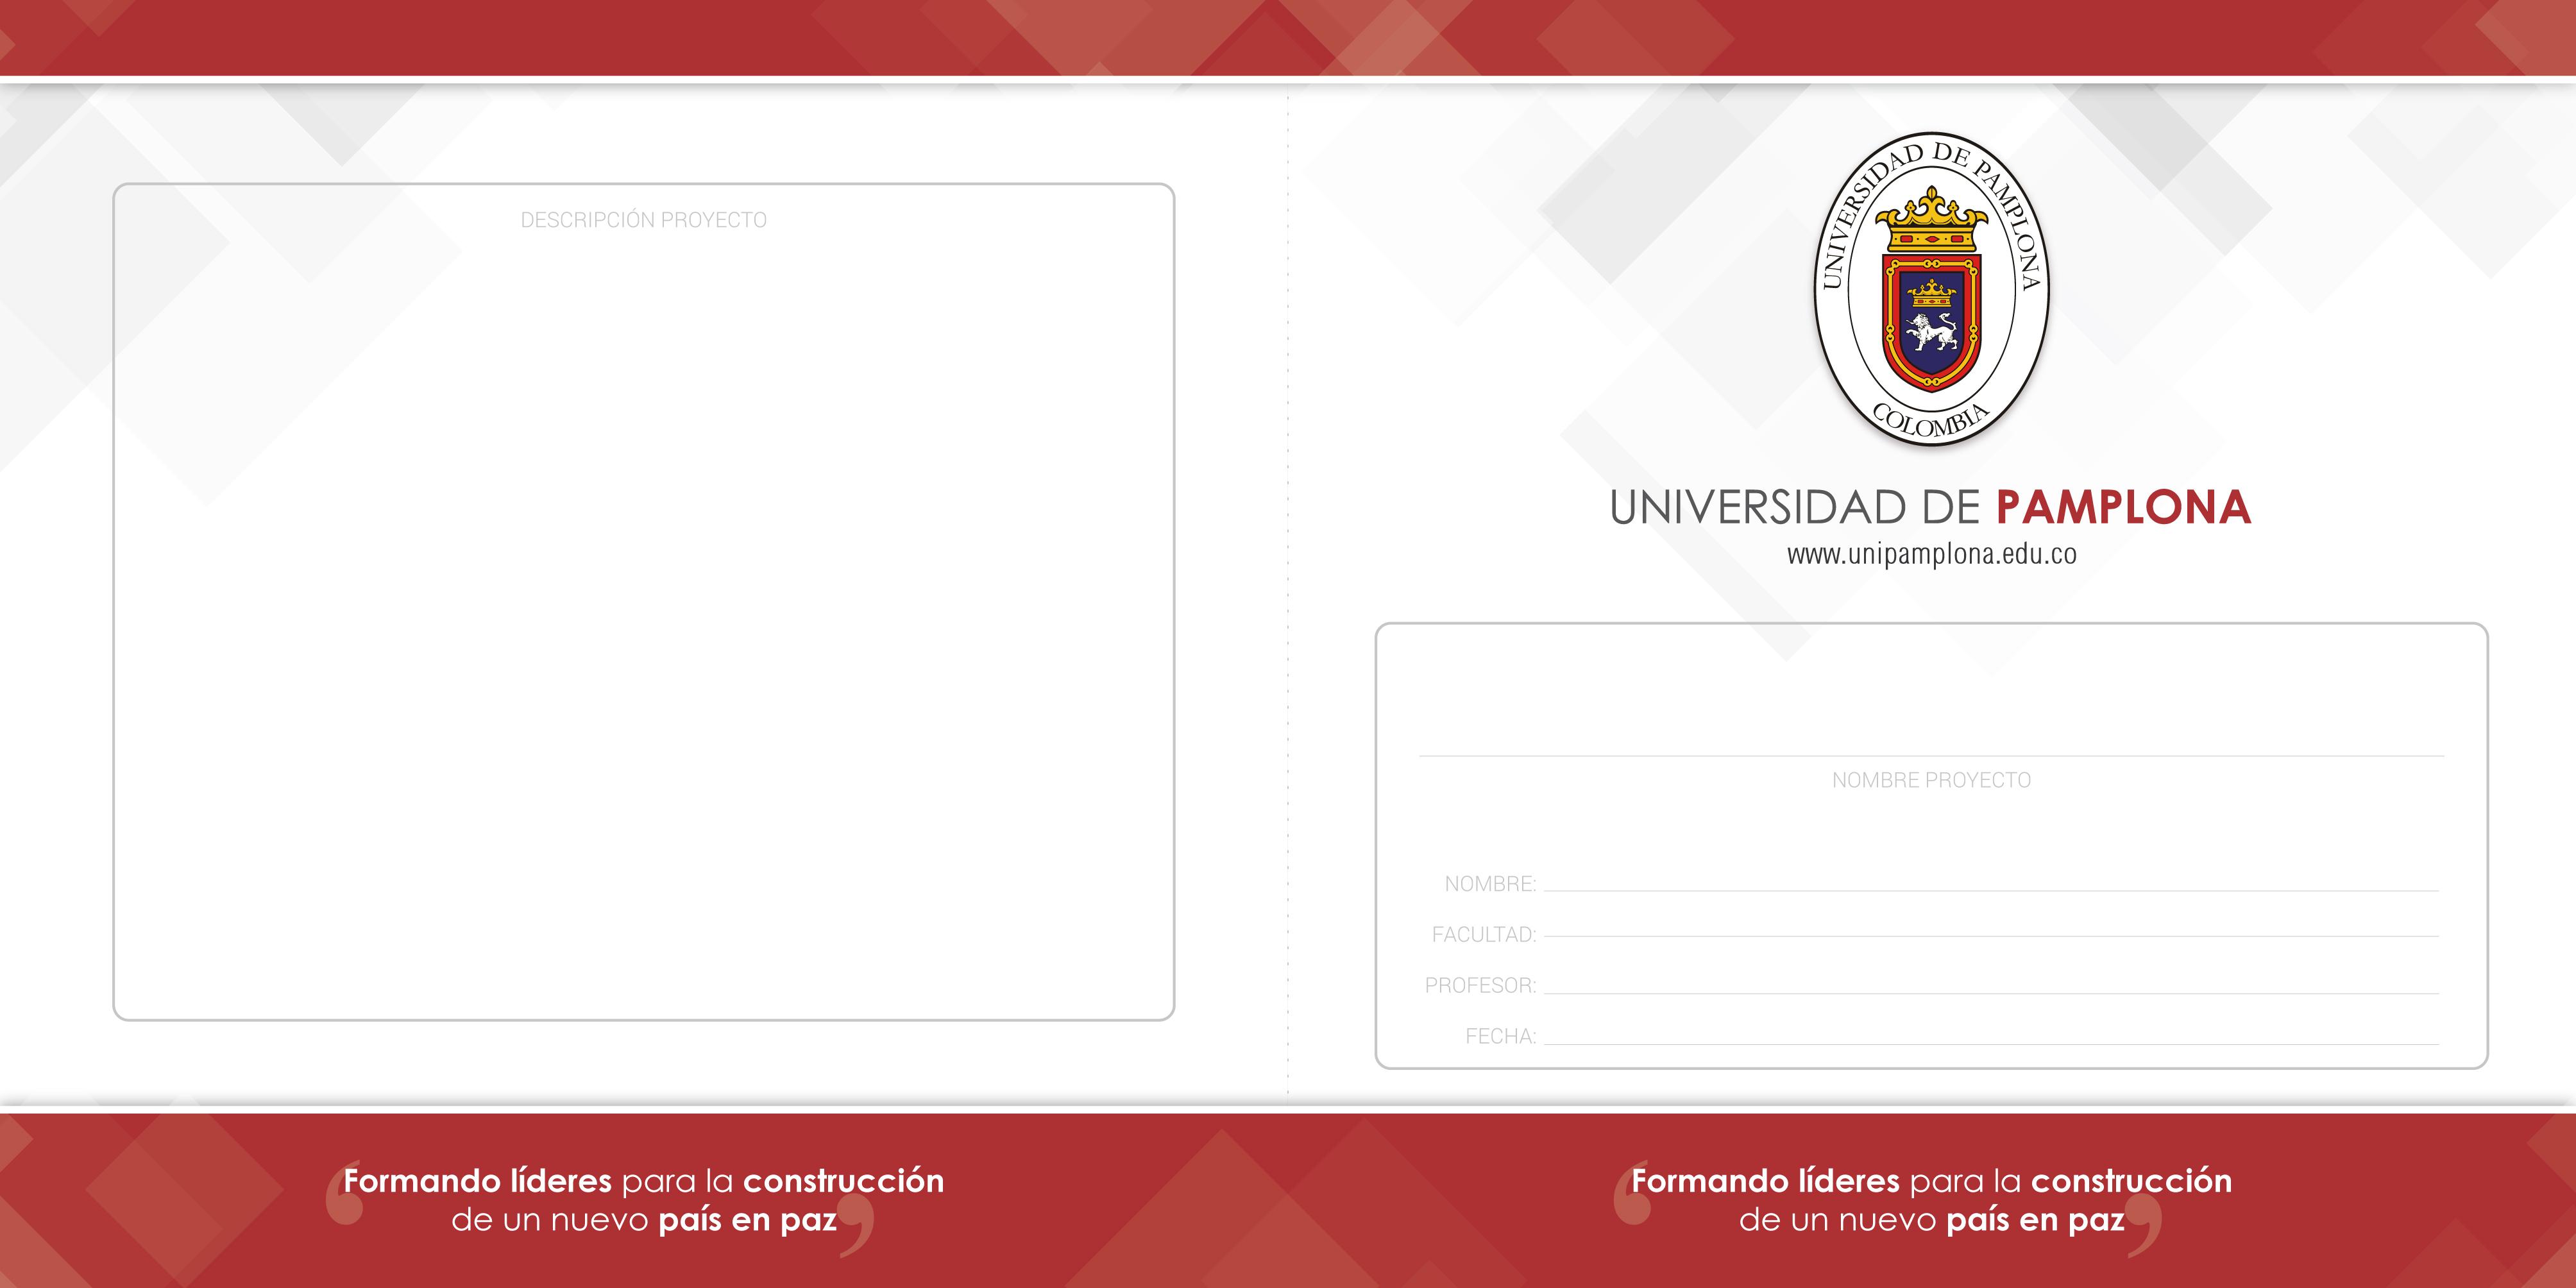 Universidad de Pamplona - Recursos de Imagen Corporativa